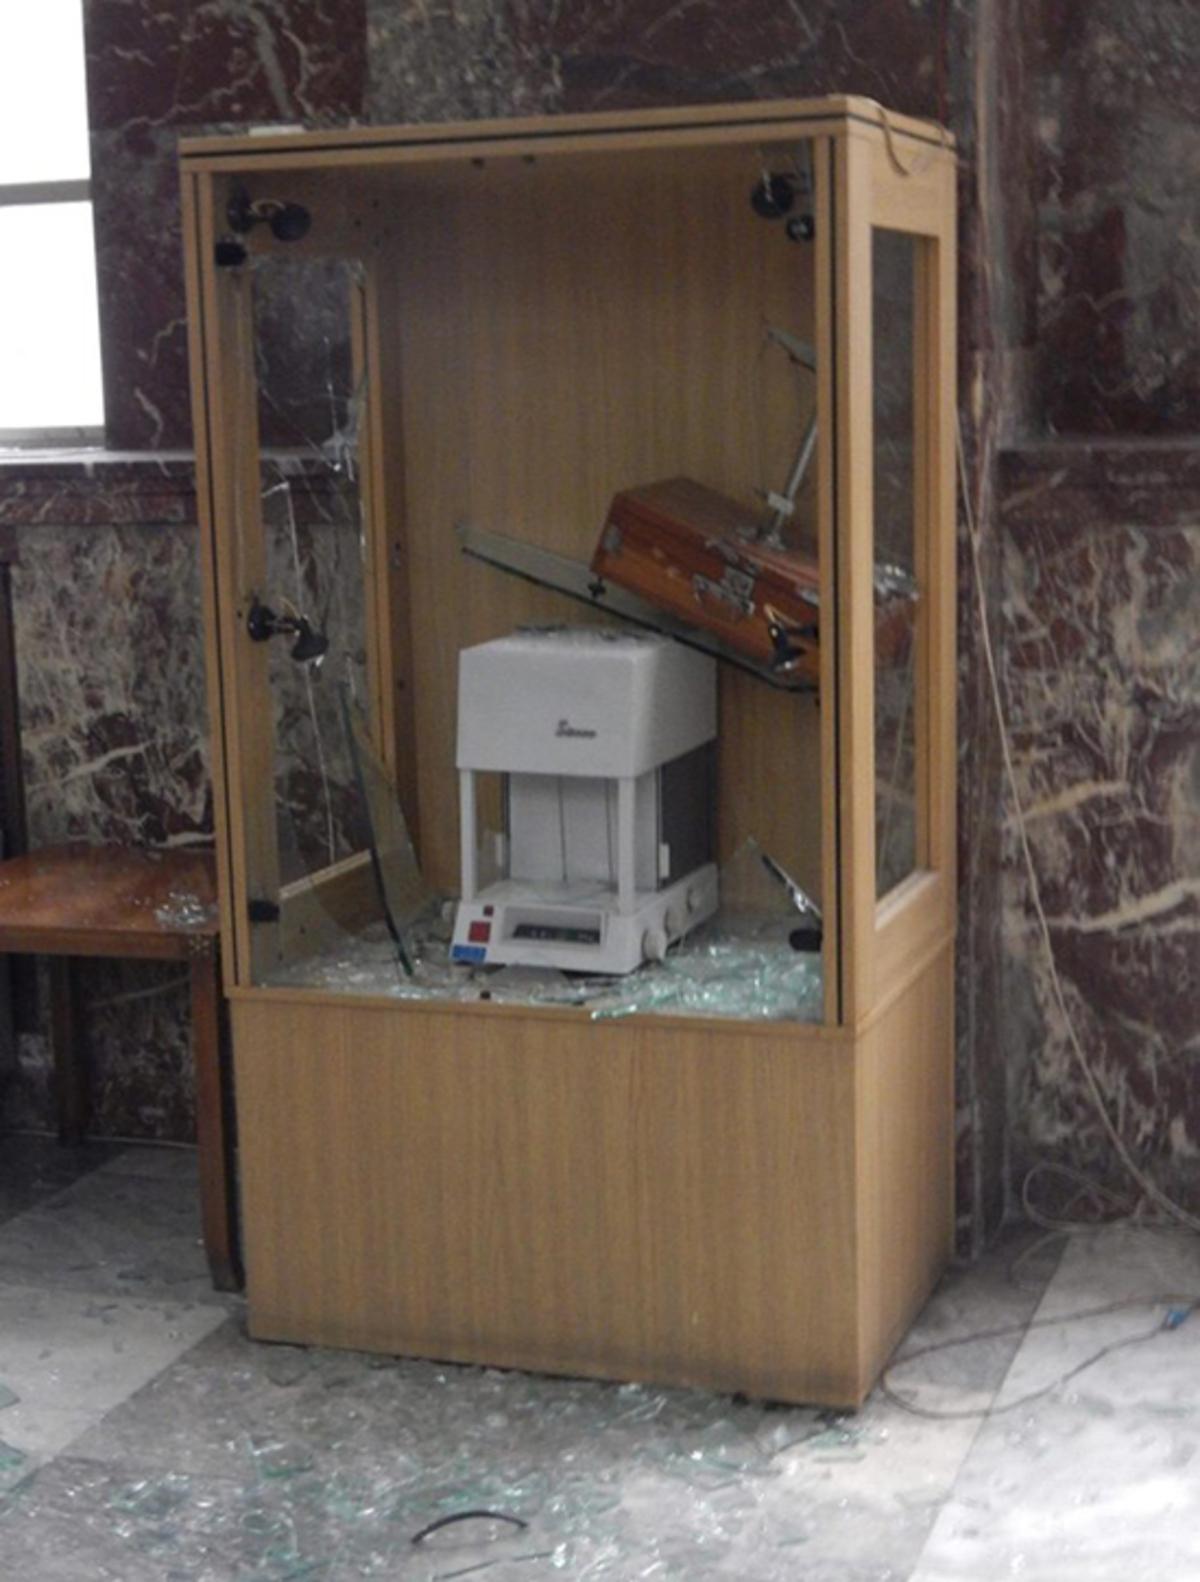 Νέα ΕΠΙΘΕΣΗ του Ρουβίκωνα σε Υπουργείο! Αίτημά τους η χορήγηση ΑΔΕΙΑΣ στον Κουφοντίνα... (ΕΙΚΟΝΕΣ)